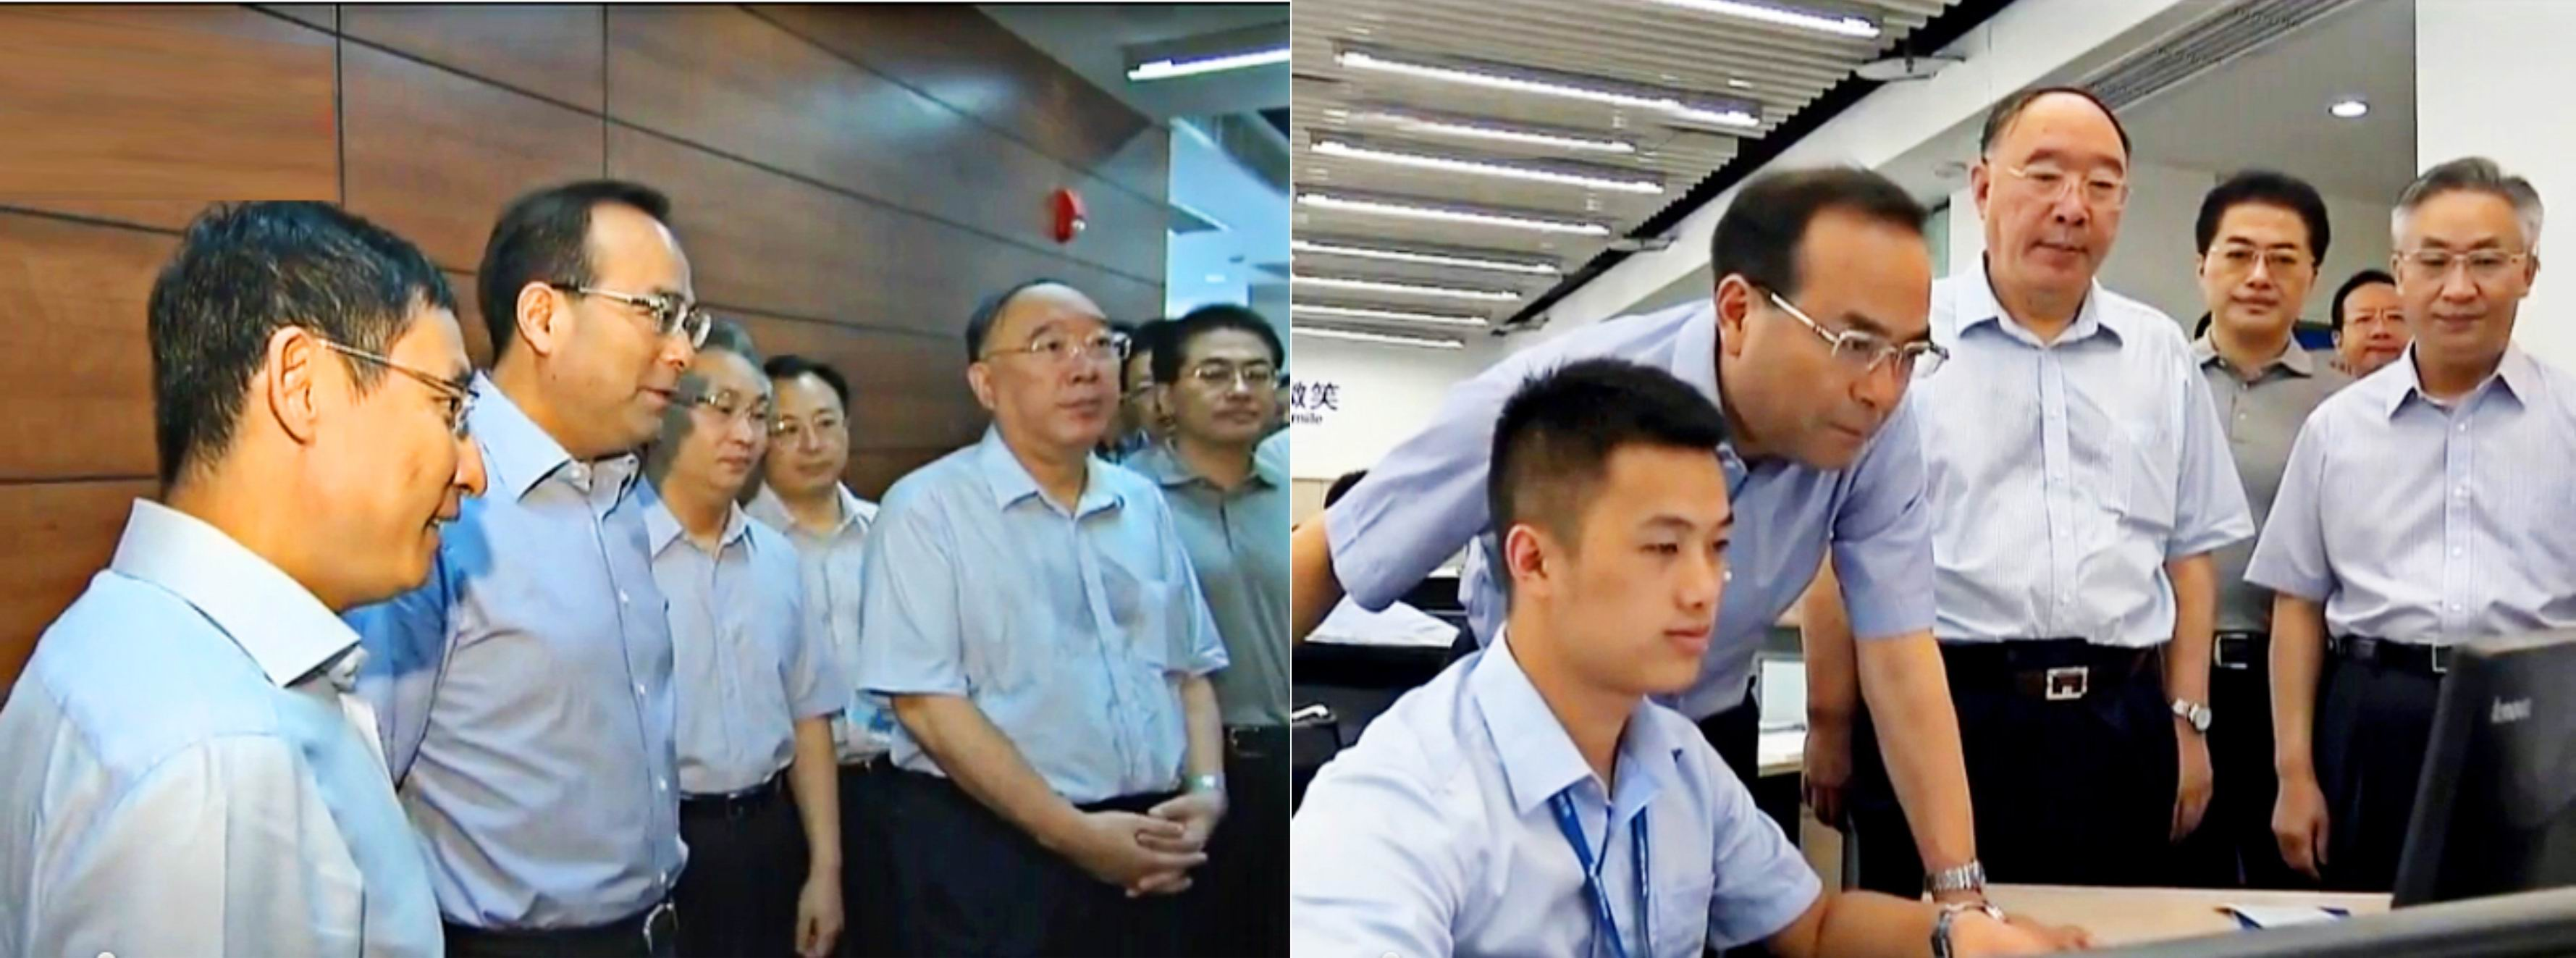 七月上jam 吉他谱c调-7月15日,中共中央政治局委员、市委书记孙政才,以及市长黄奇帆、